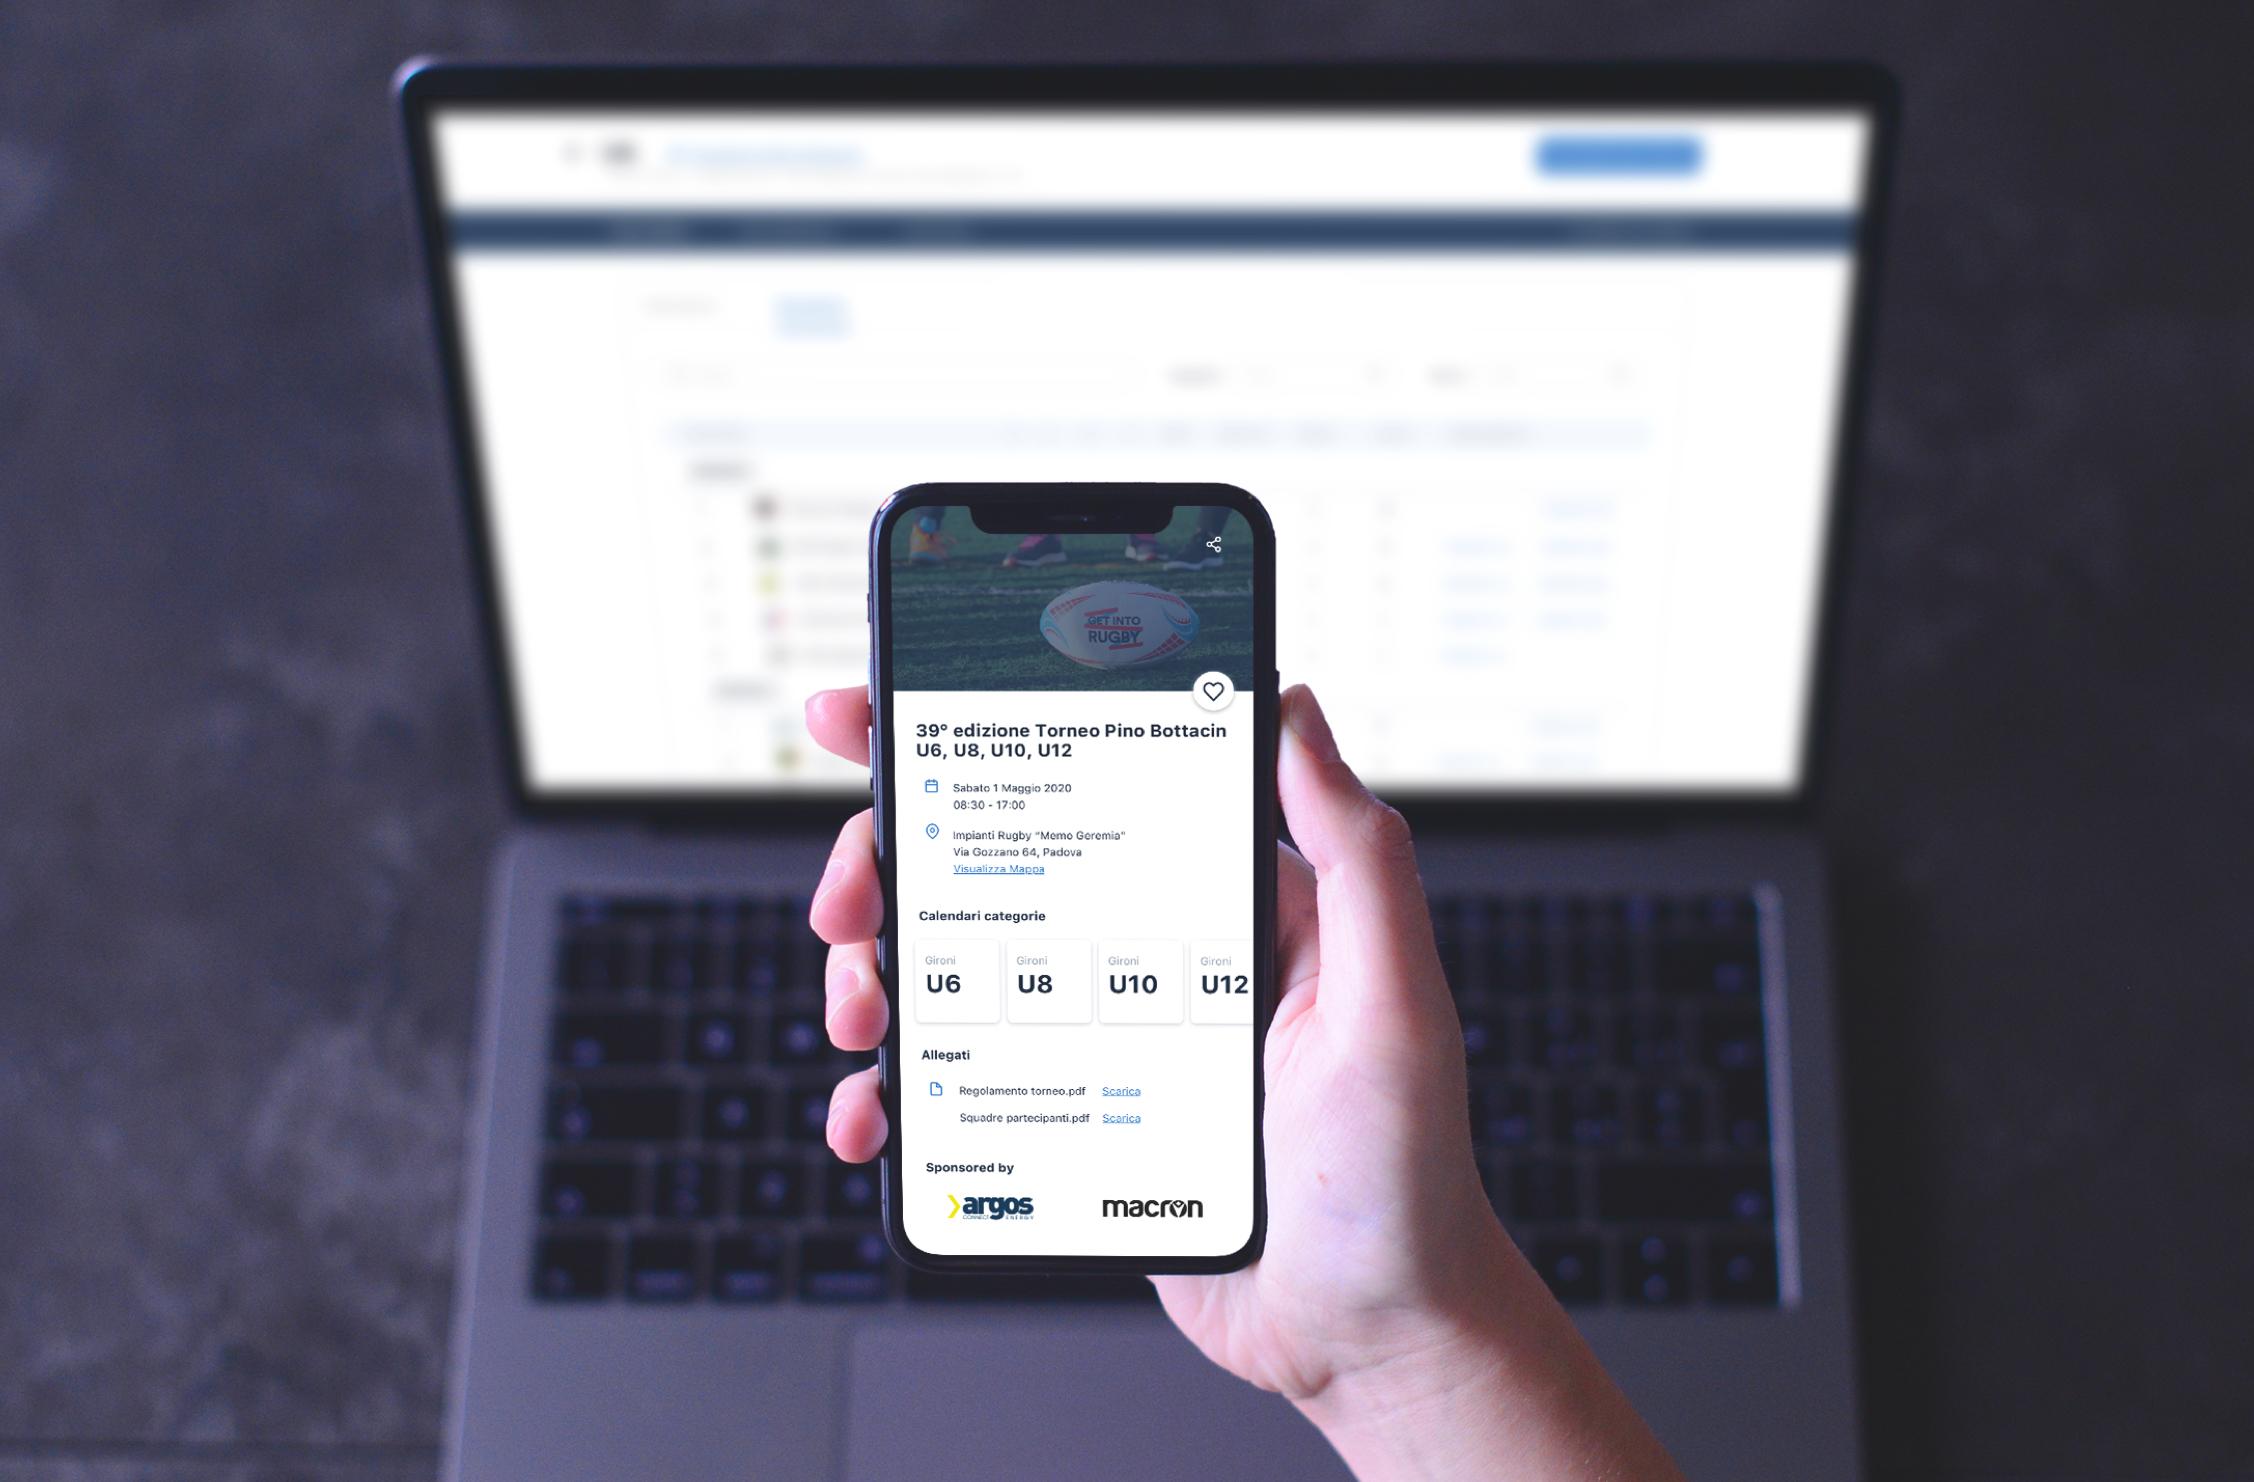 Schermate utilizzo app smartphone e desktop